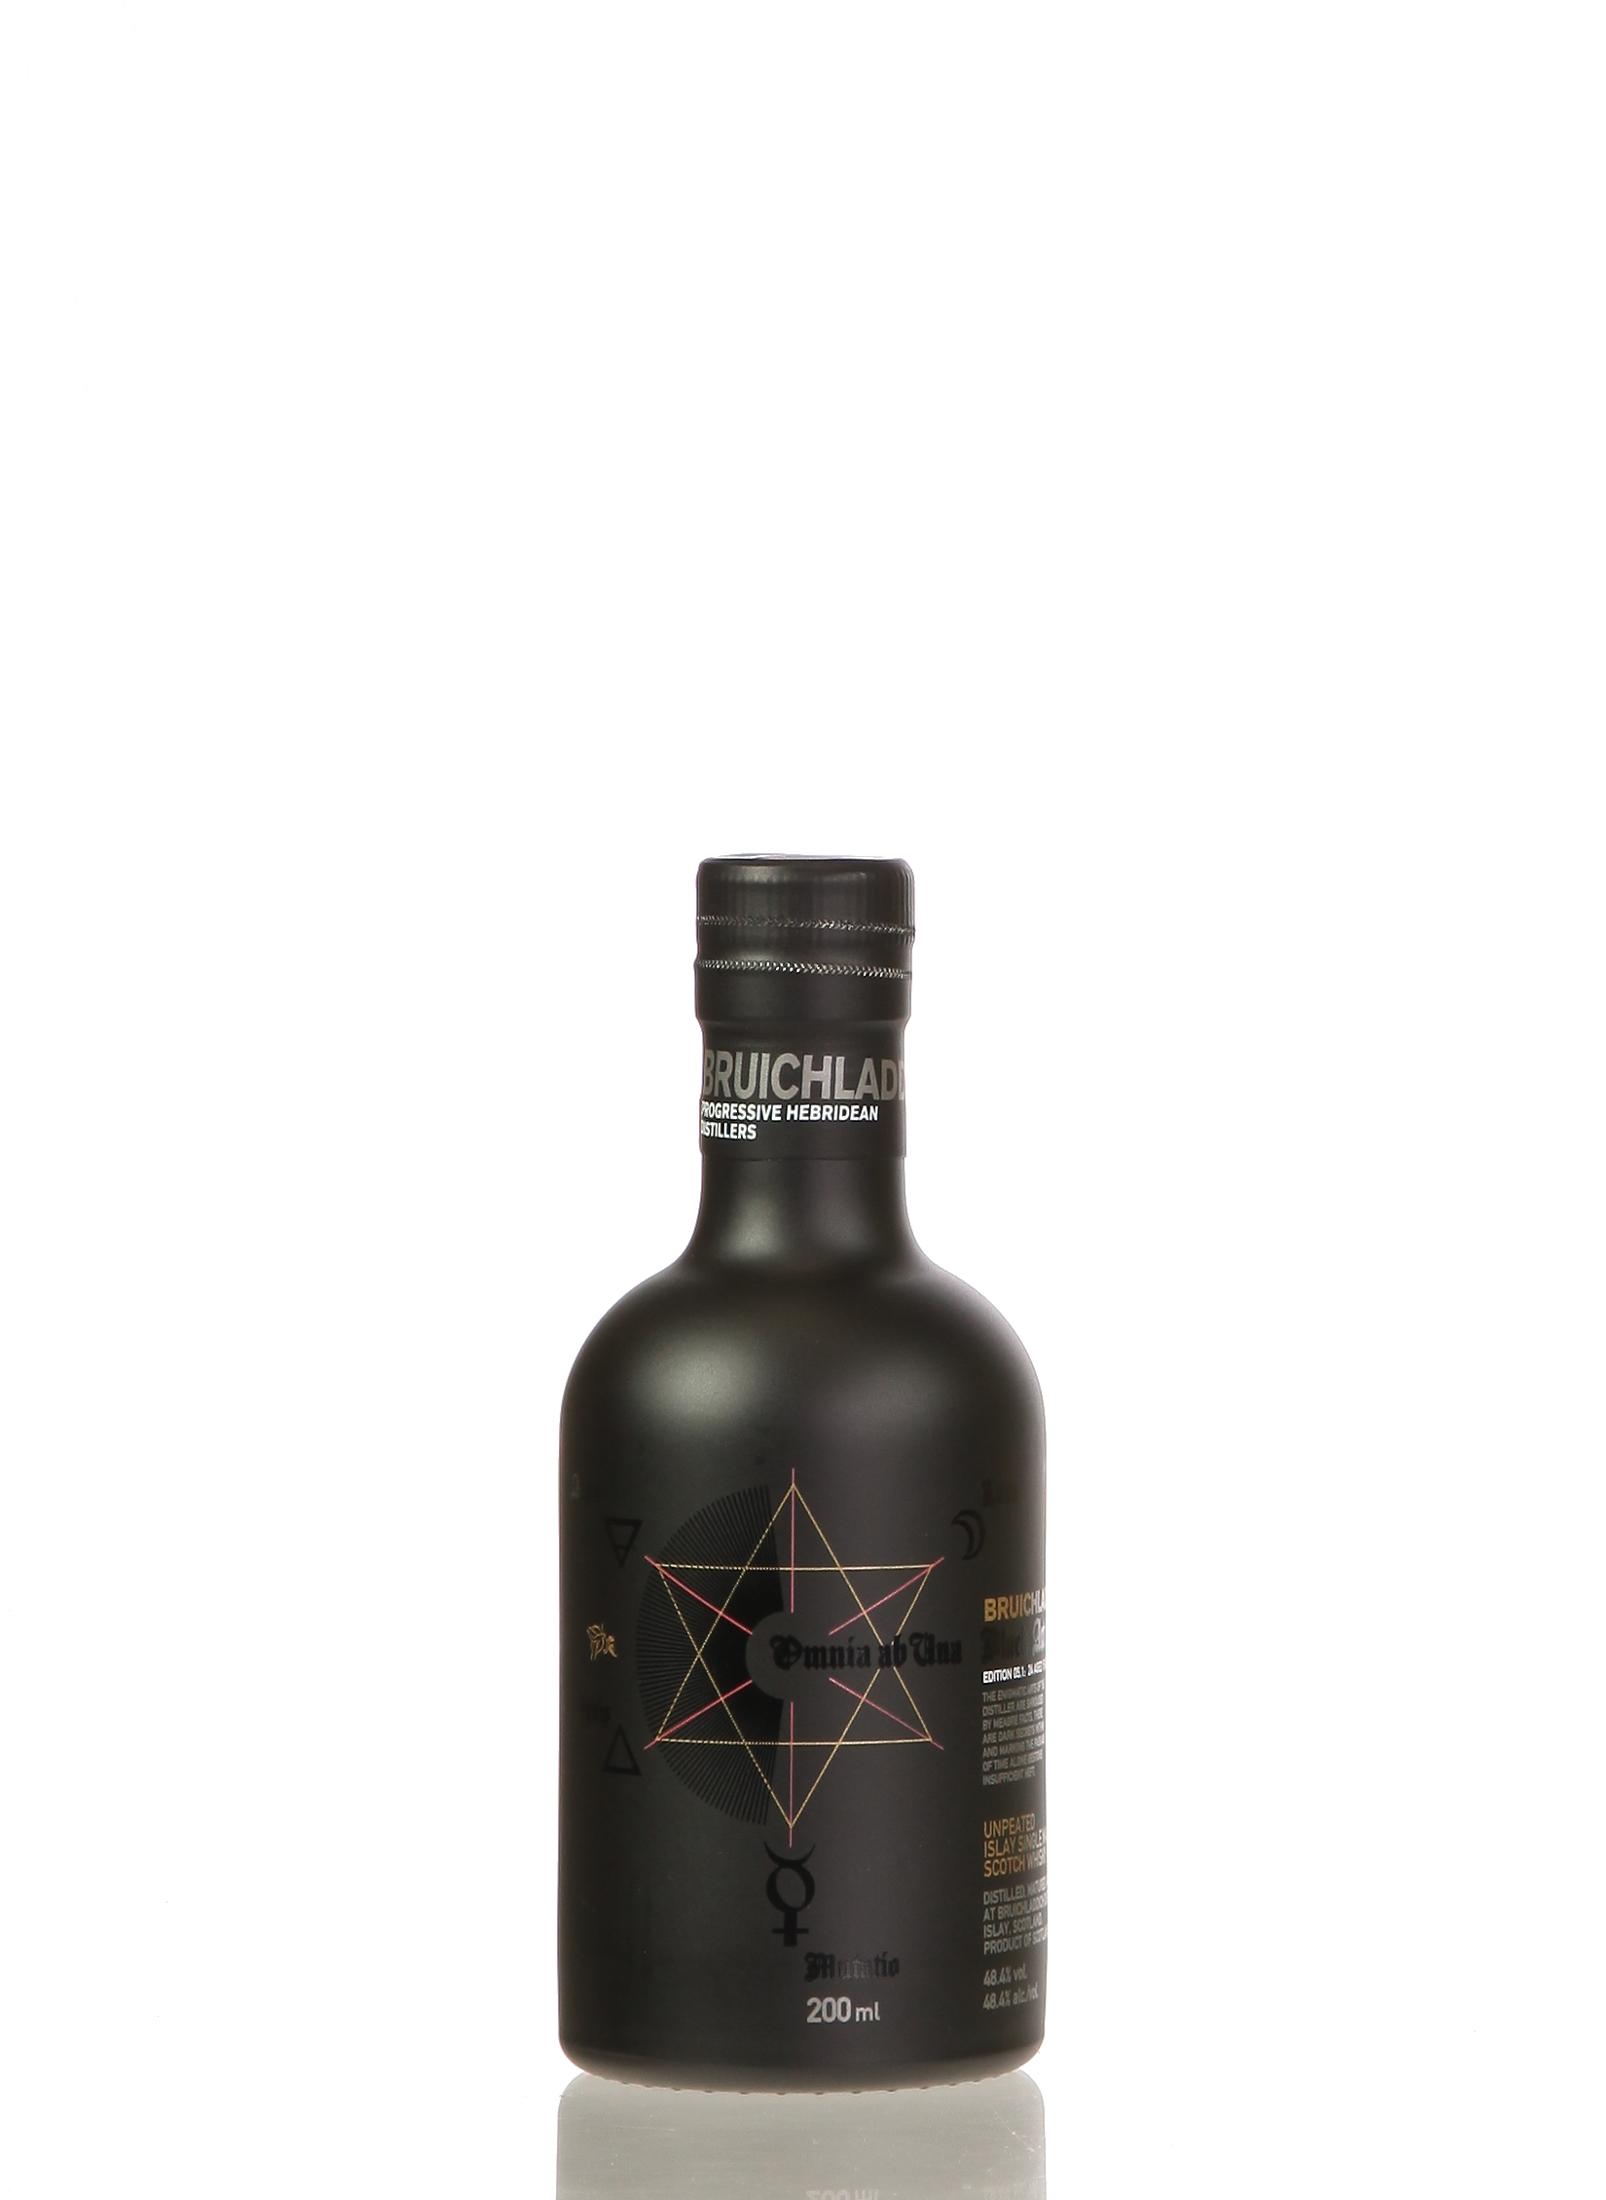 Bruichladdich Black Art 05.1 - 0,2 Liter